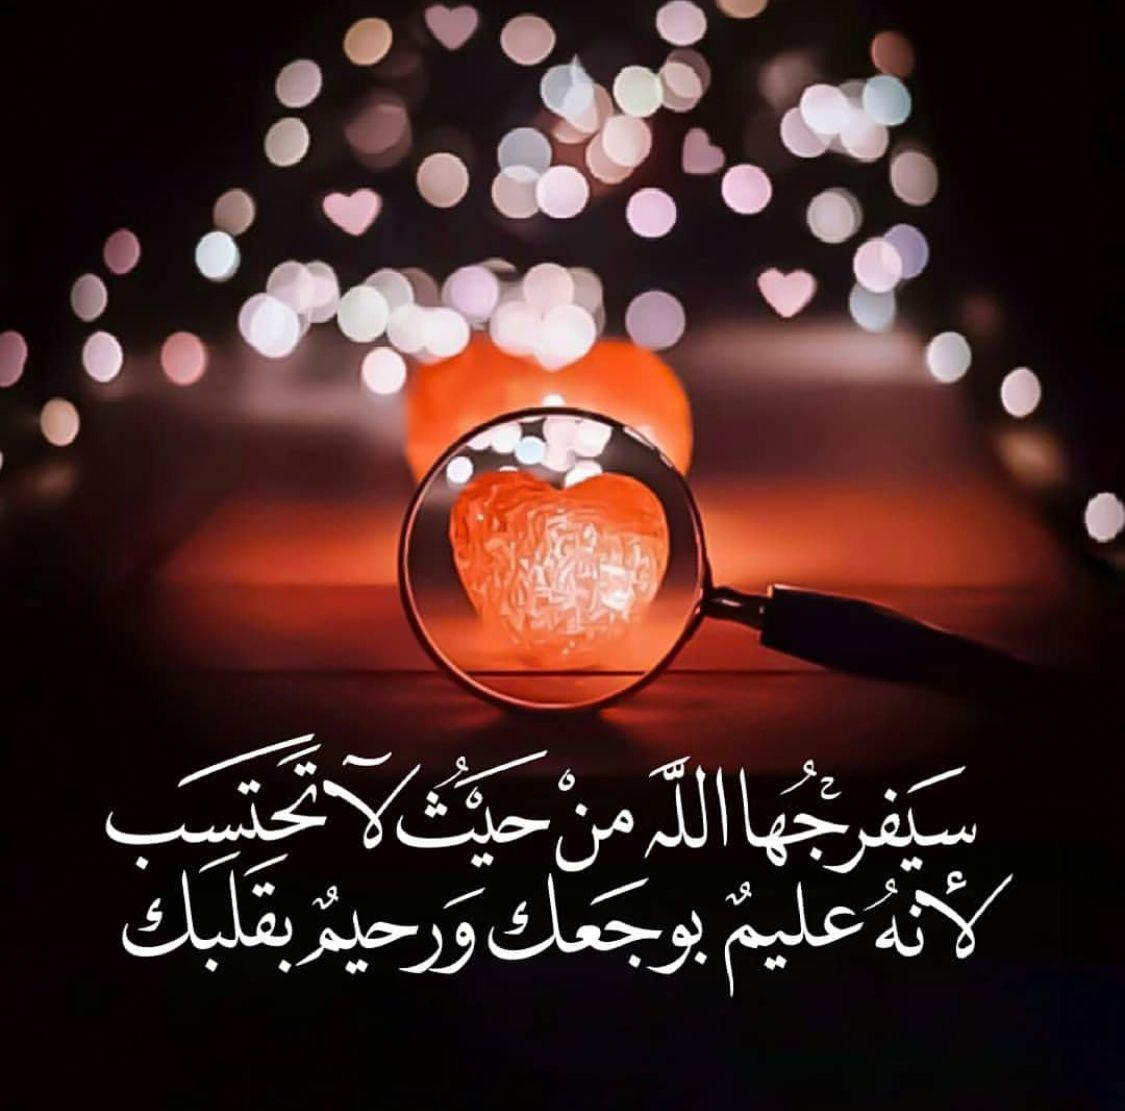 خواطر اسلامية بالصور Dove Images Learn Islam Prayer For The Day